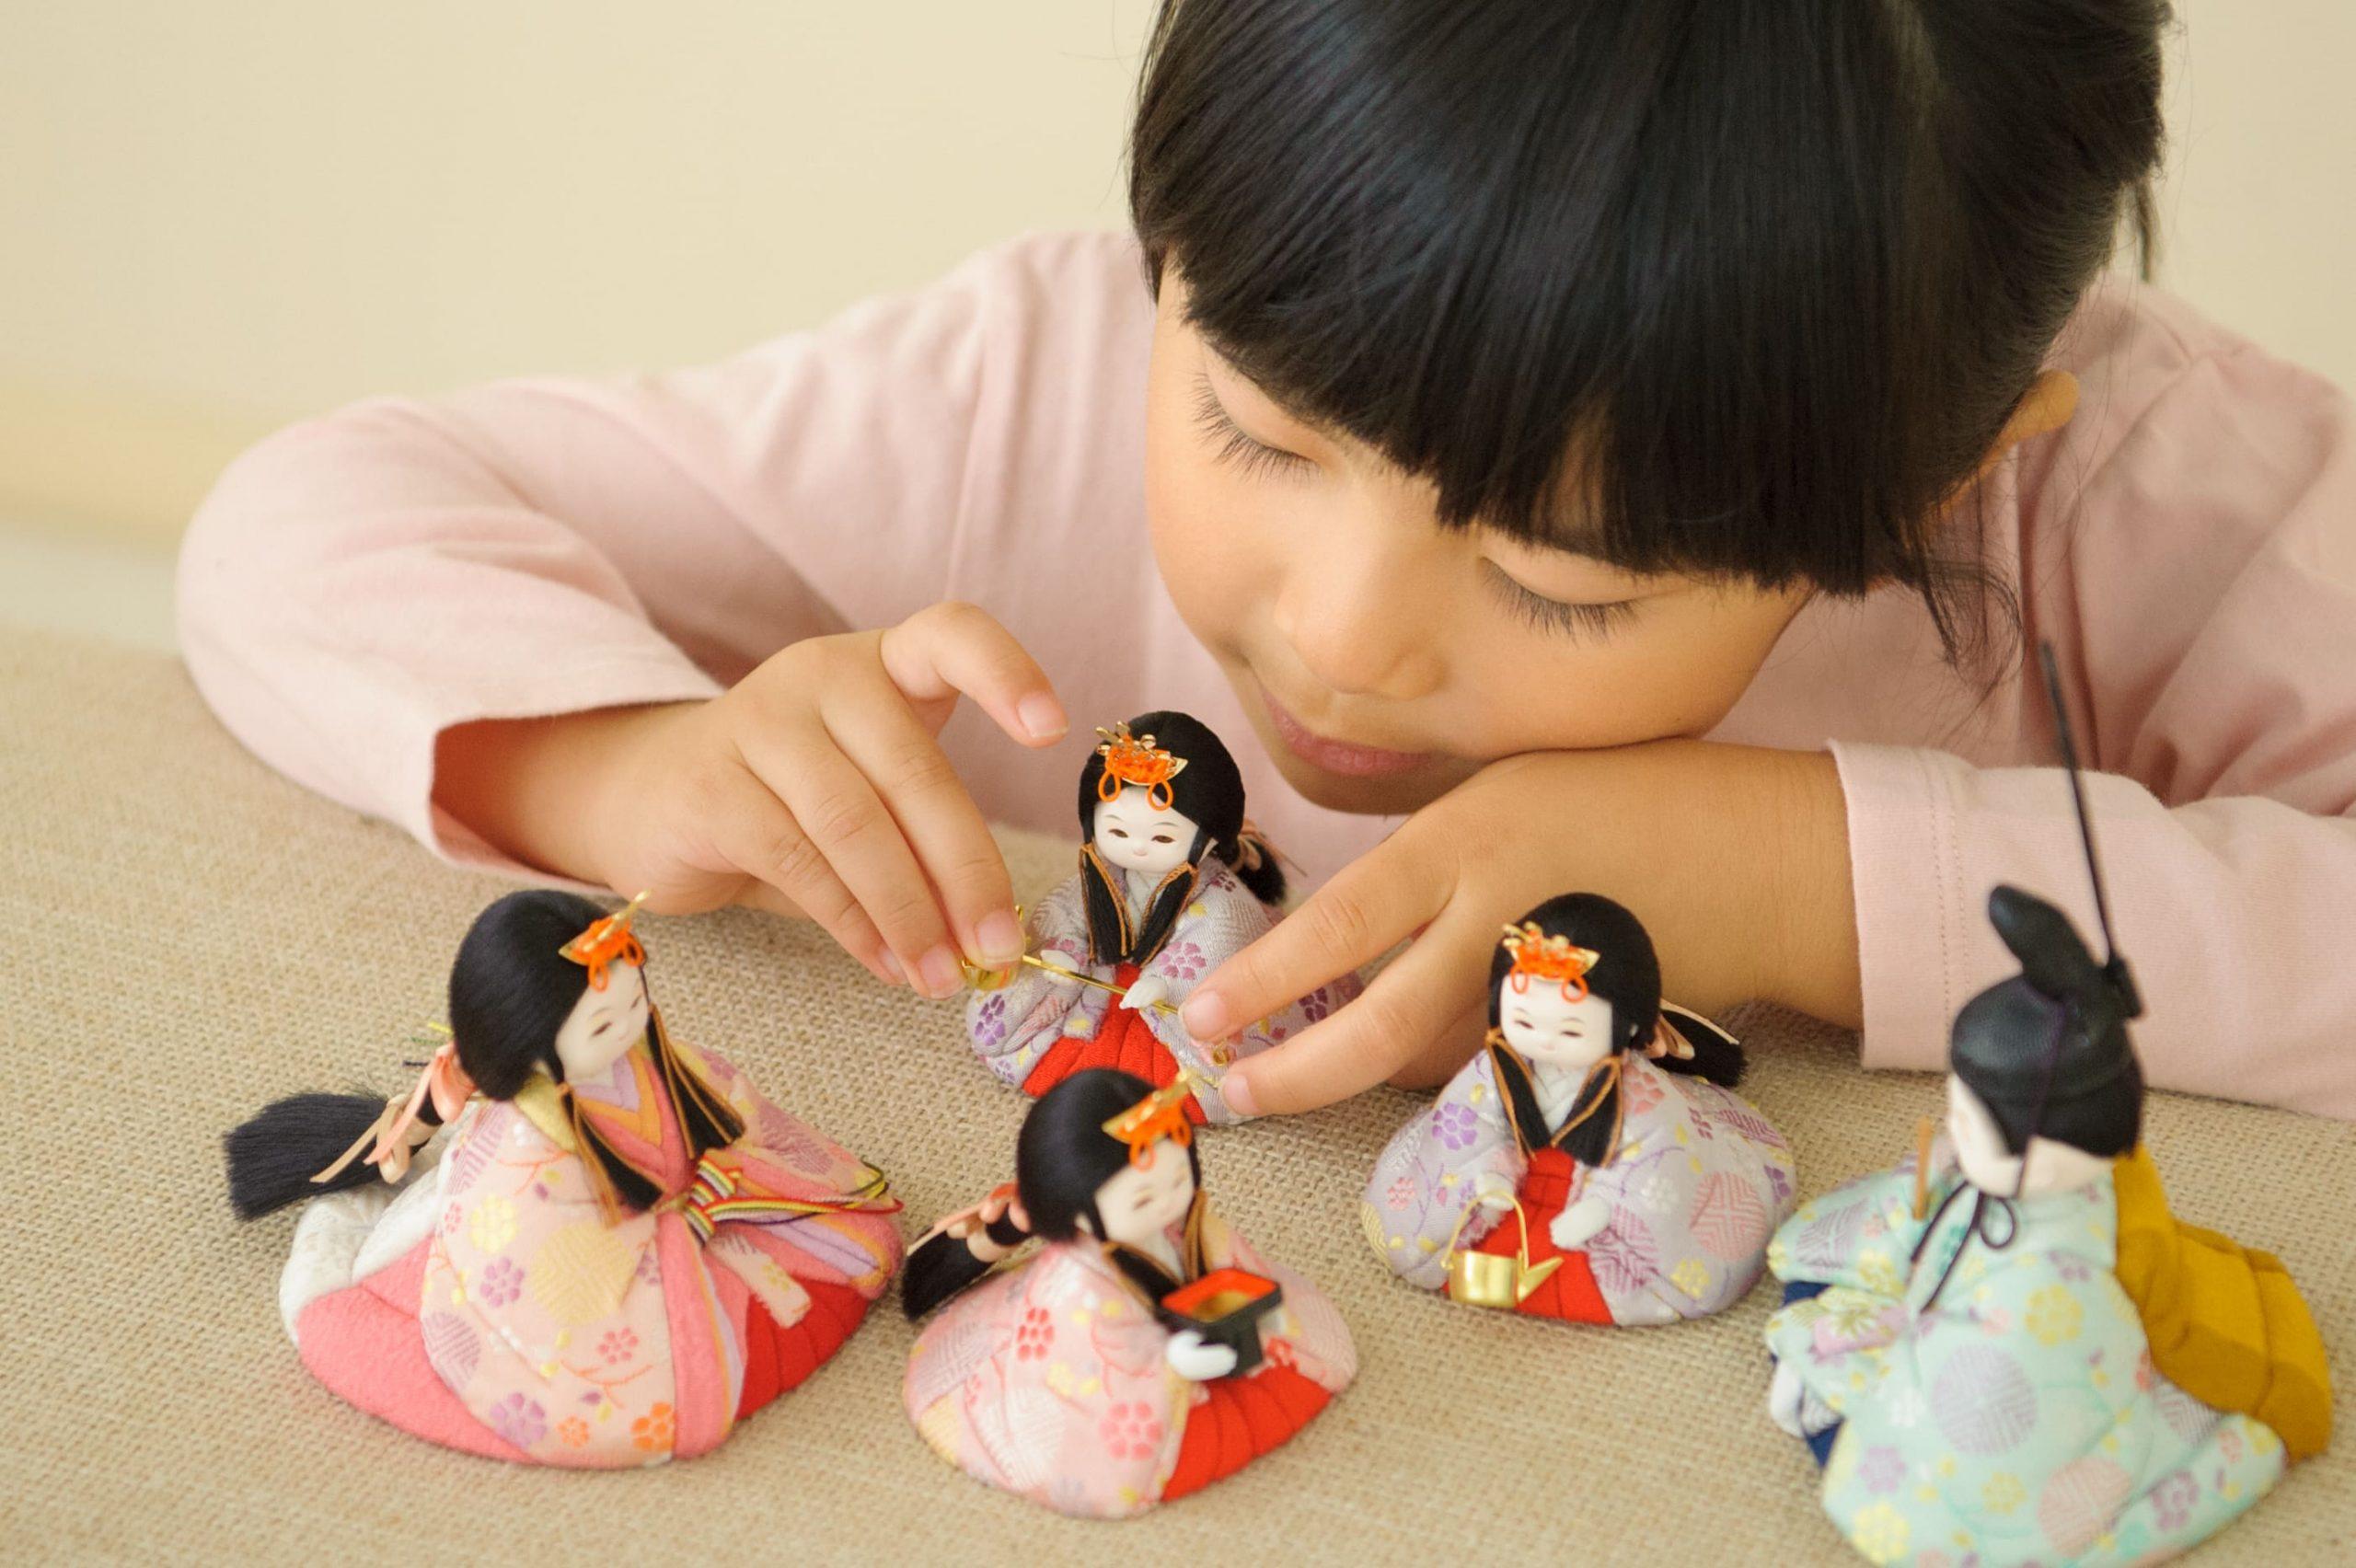 役目を終えた雛人形の処分方法って?雛人形の供養方法3つ